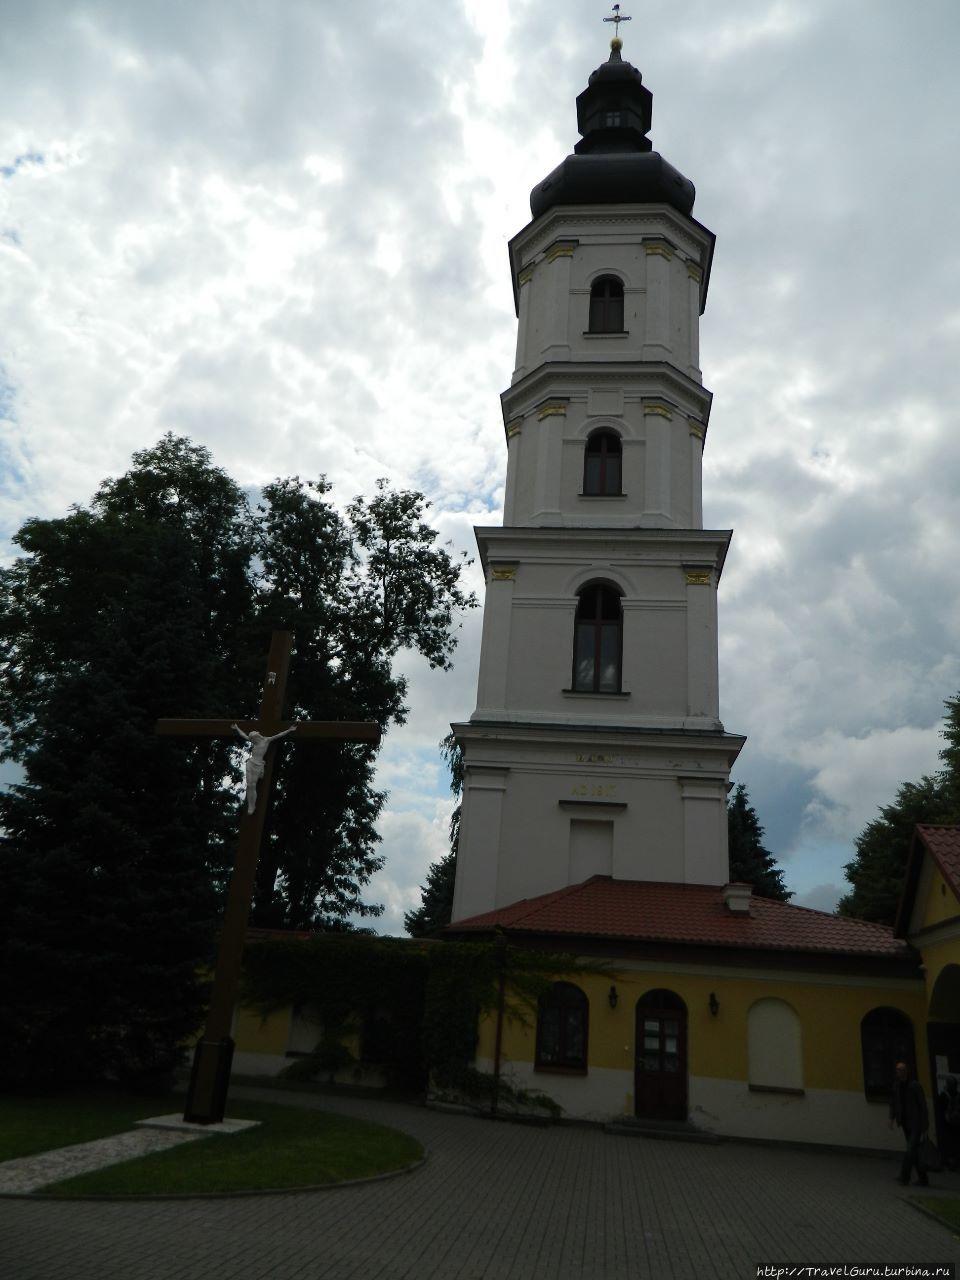 Местная Пизанская башня — наклонённая колокольня. Пинск, Беларусь